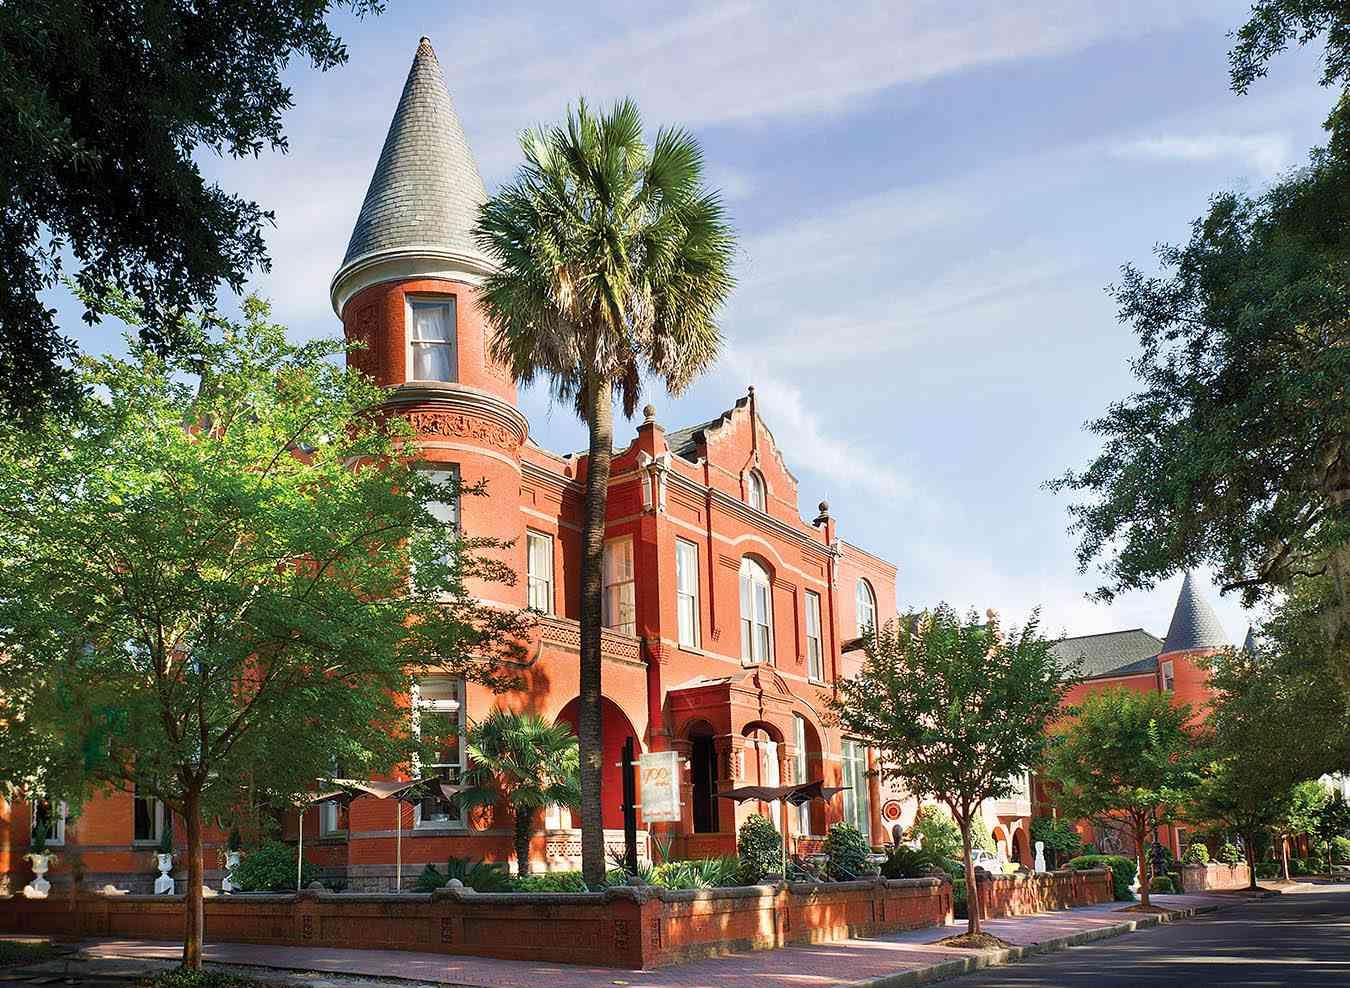 Mansion on Forsyth Park Savannah